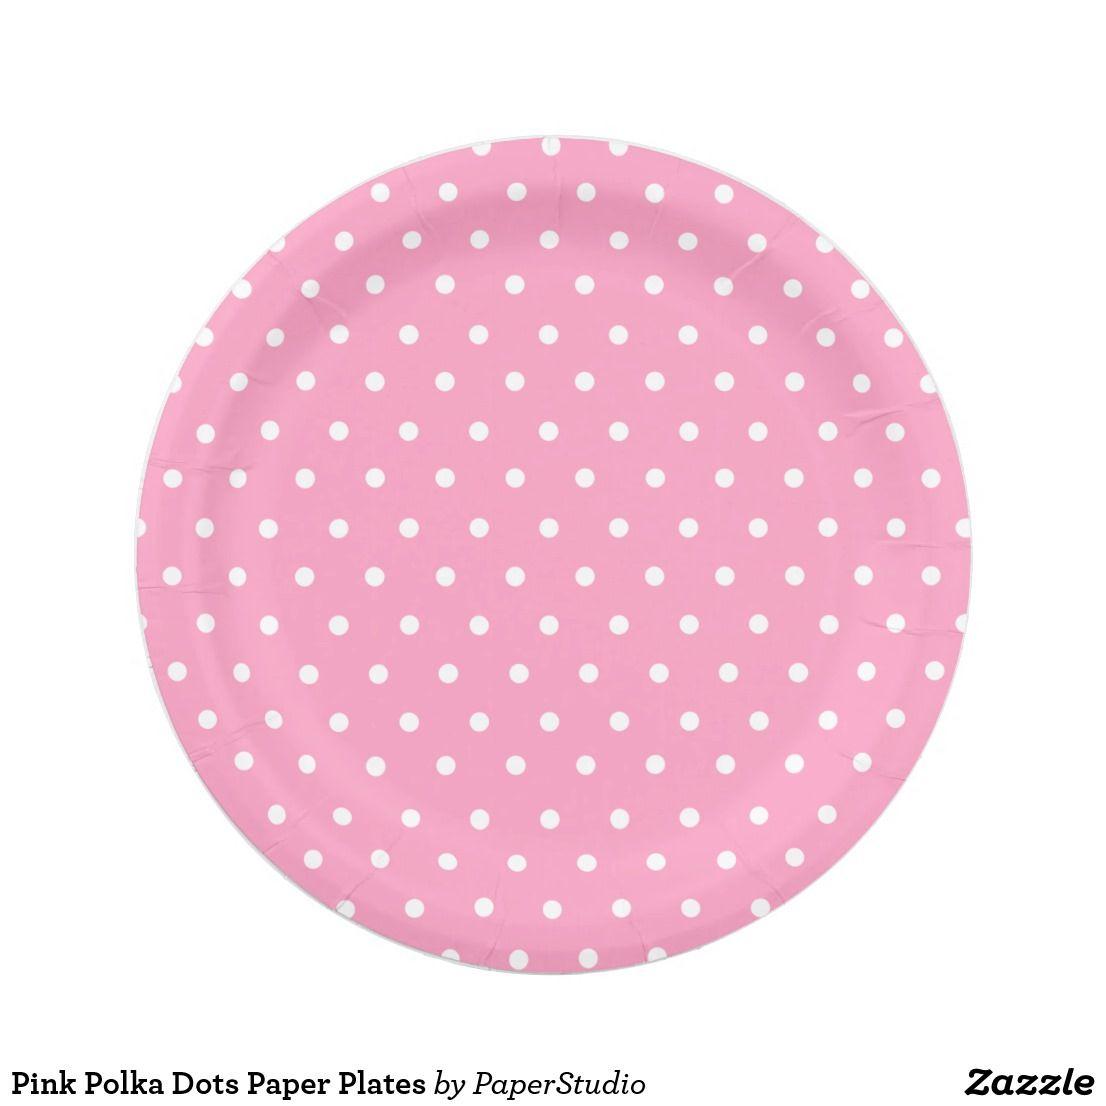 Pink Polka Dots Paper Plates Polka Dot Plate Polka Dot Paper Plates